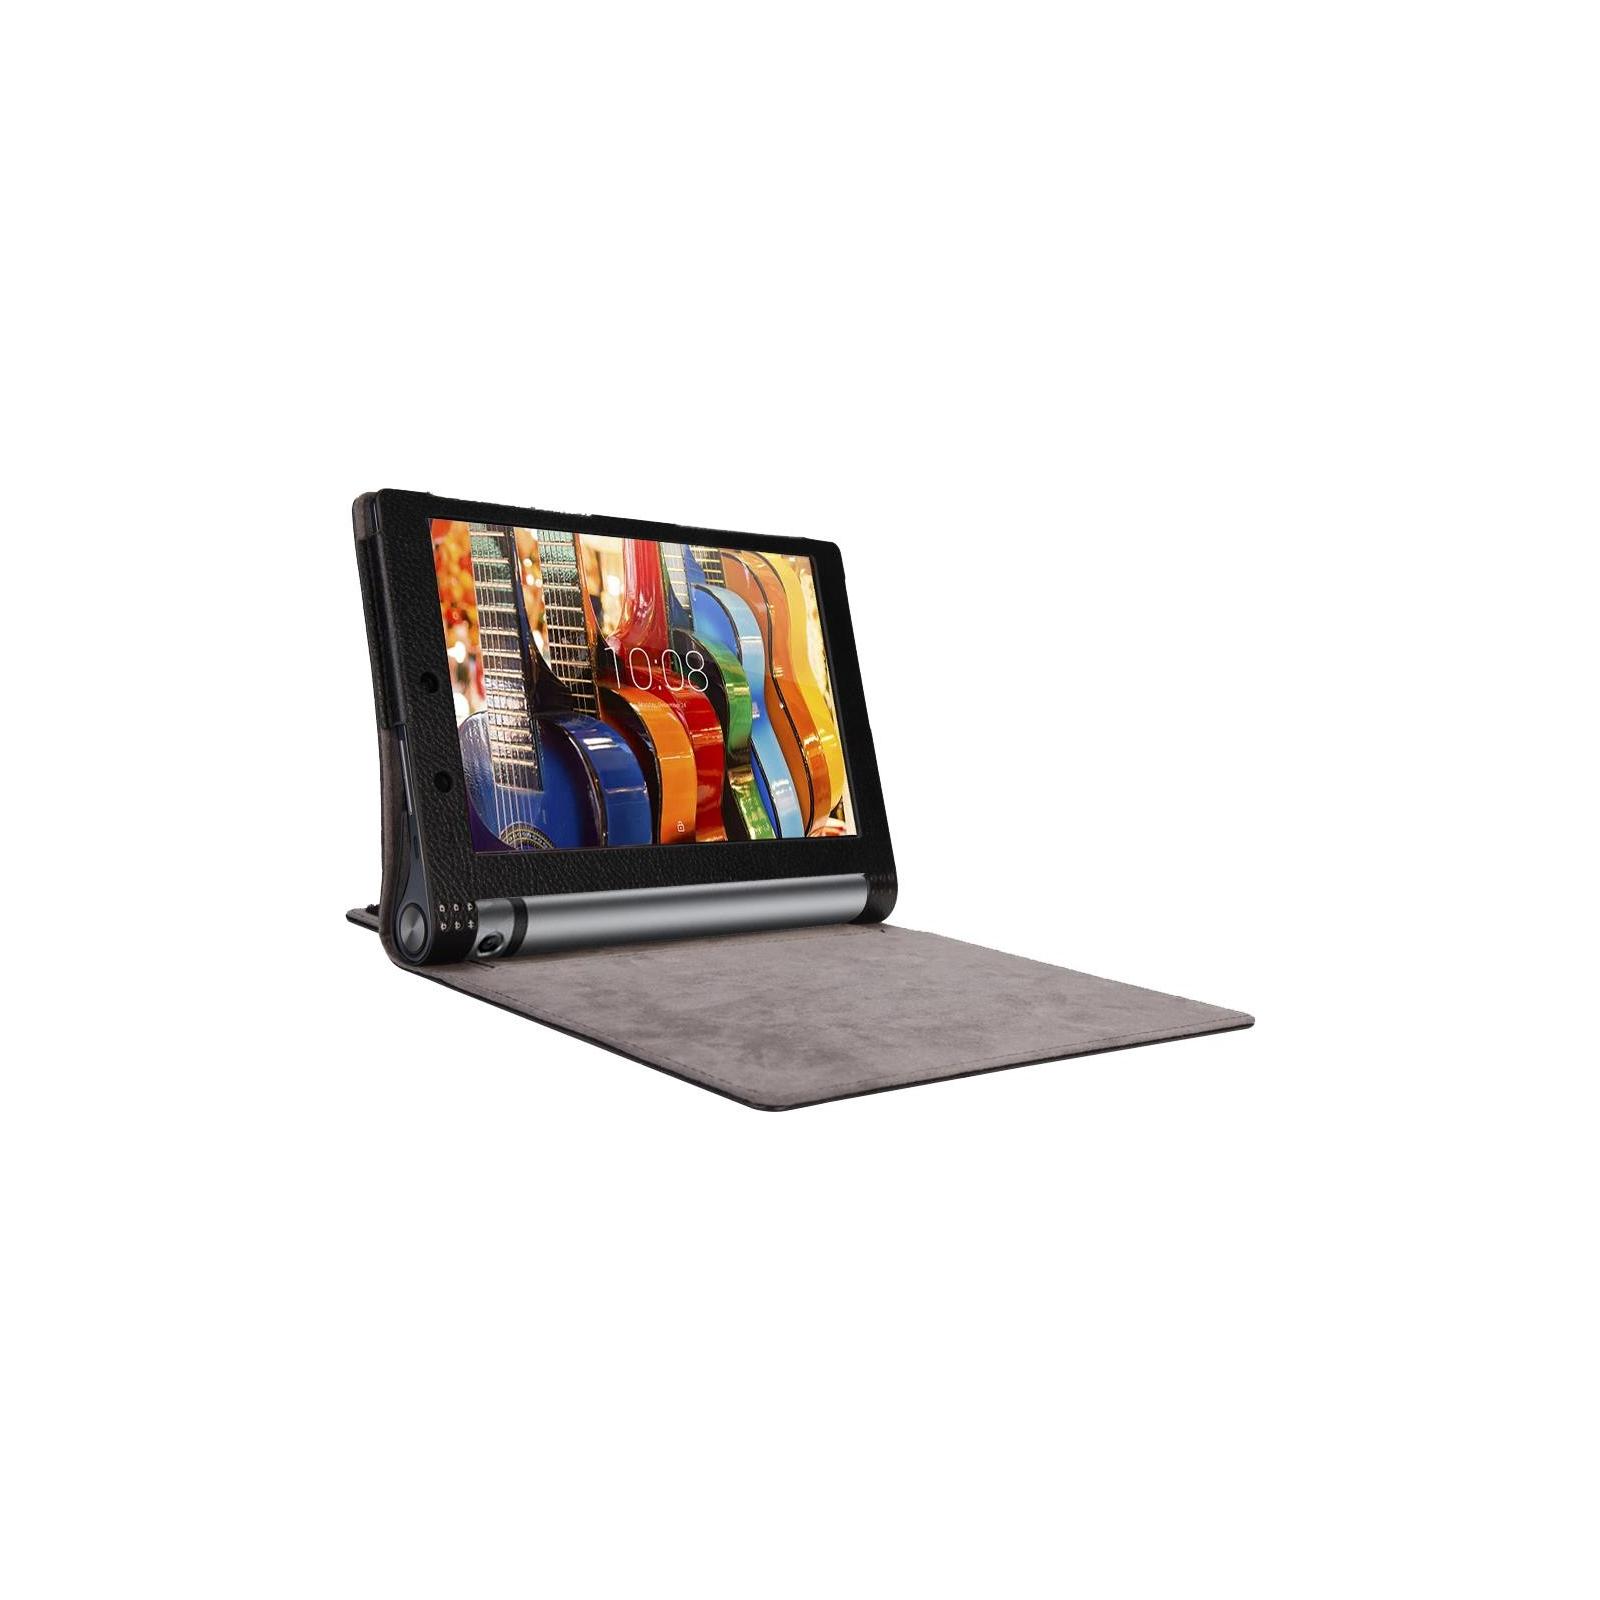 Чехол для планшета AirOn для Lenovo YOGA Tablet 3 8'' black (4822352770303) изображение 6